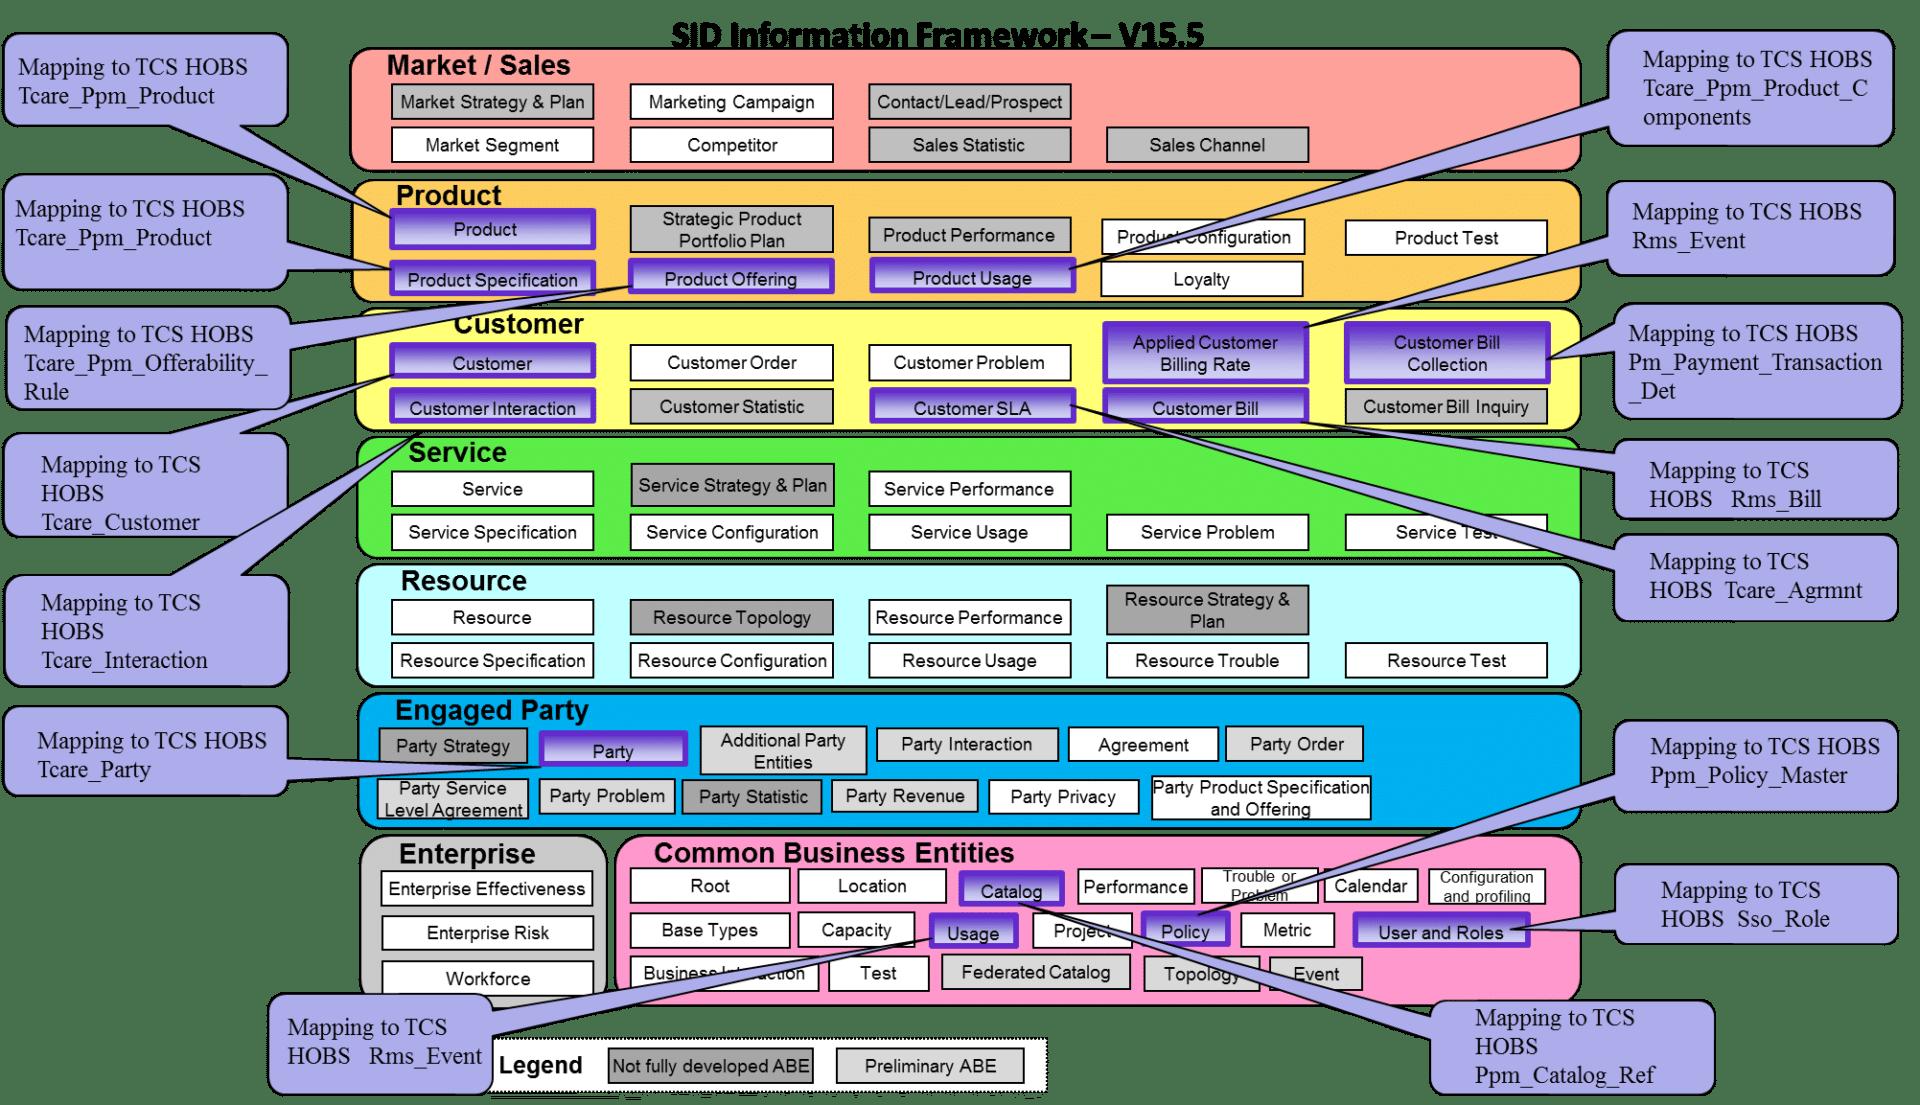 TCS HOBS - Information Framework - TM Forum